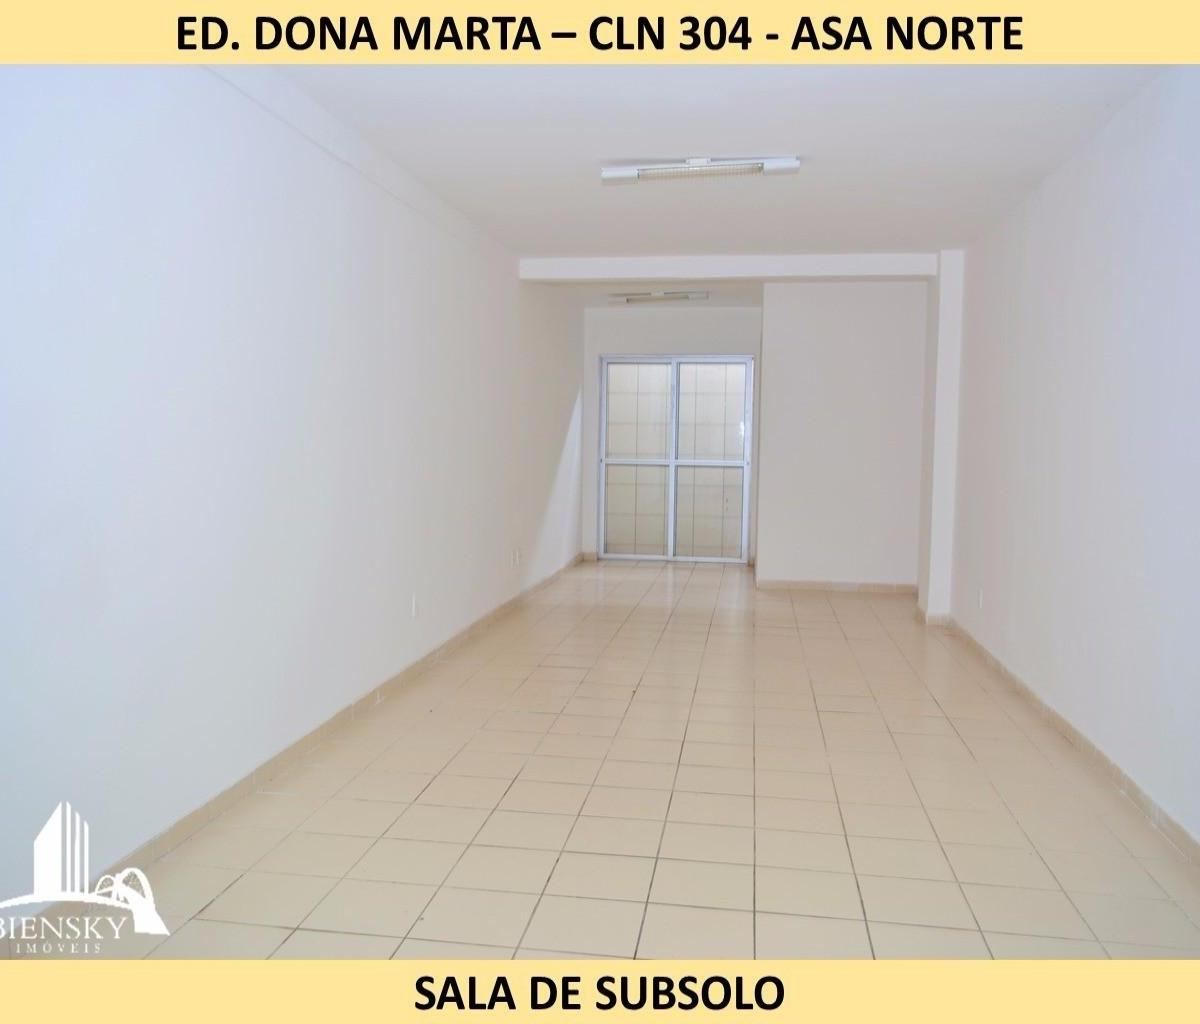 Imagens de #8E773D cln 304 bloco d loja de subsolo cln 304 bloco d asa norte brasília 1200x1024 px 3346 Bloco De Cad Banheiro Publico